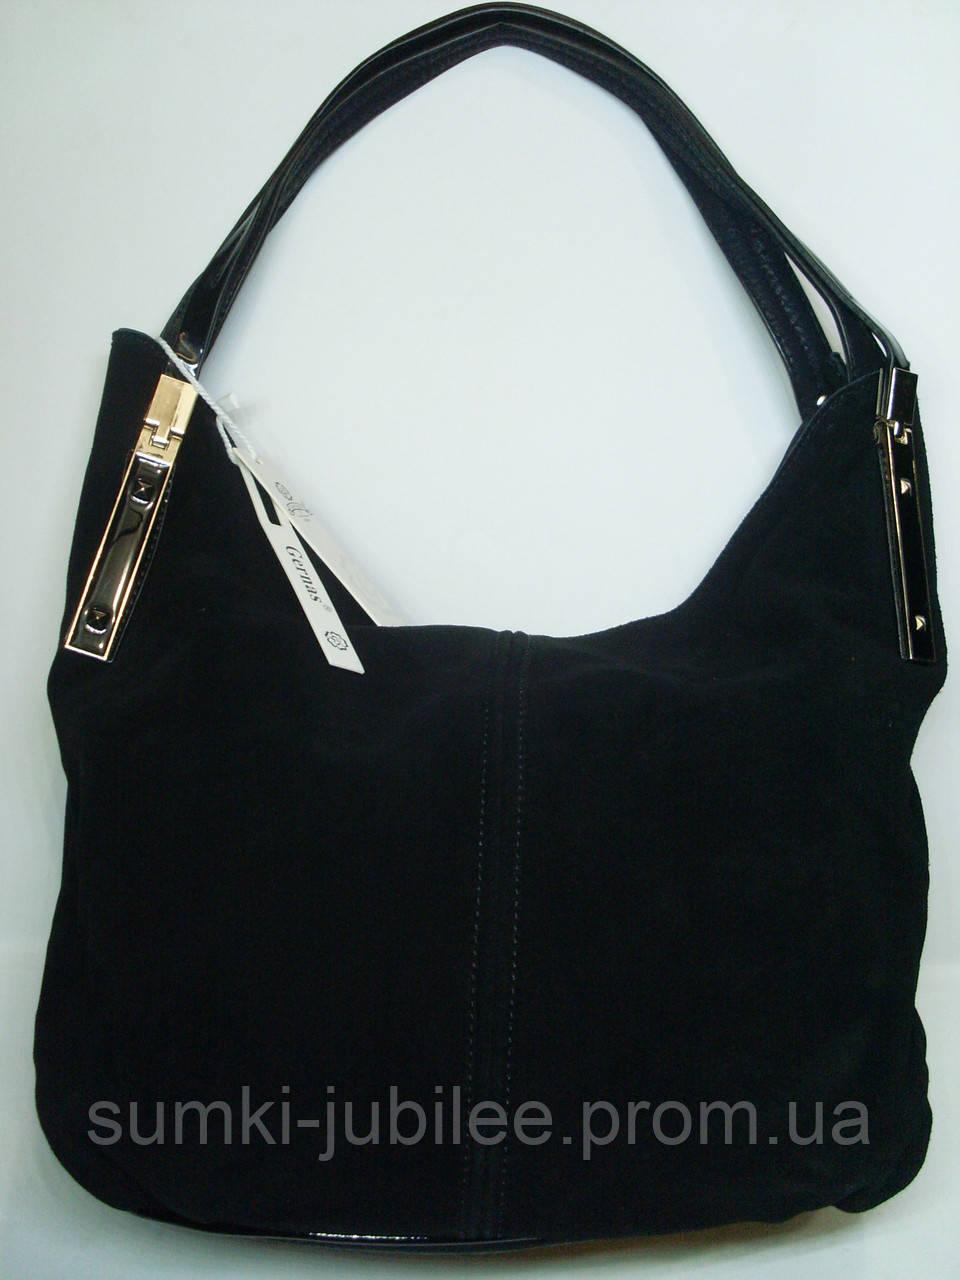 de8ec421da5d Женская замшевая сумка Gernas, черный цвет - Интернет-магазин